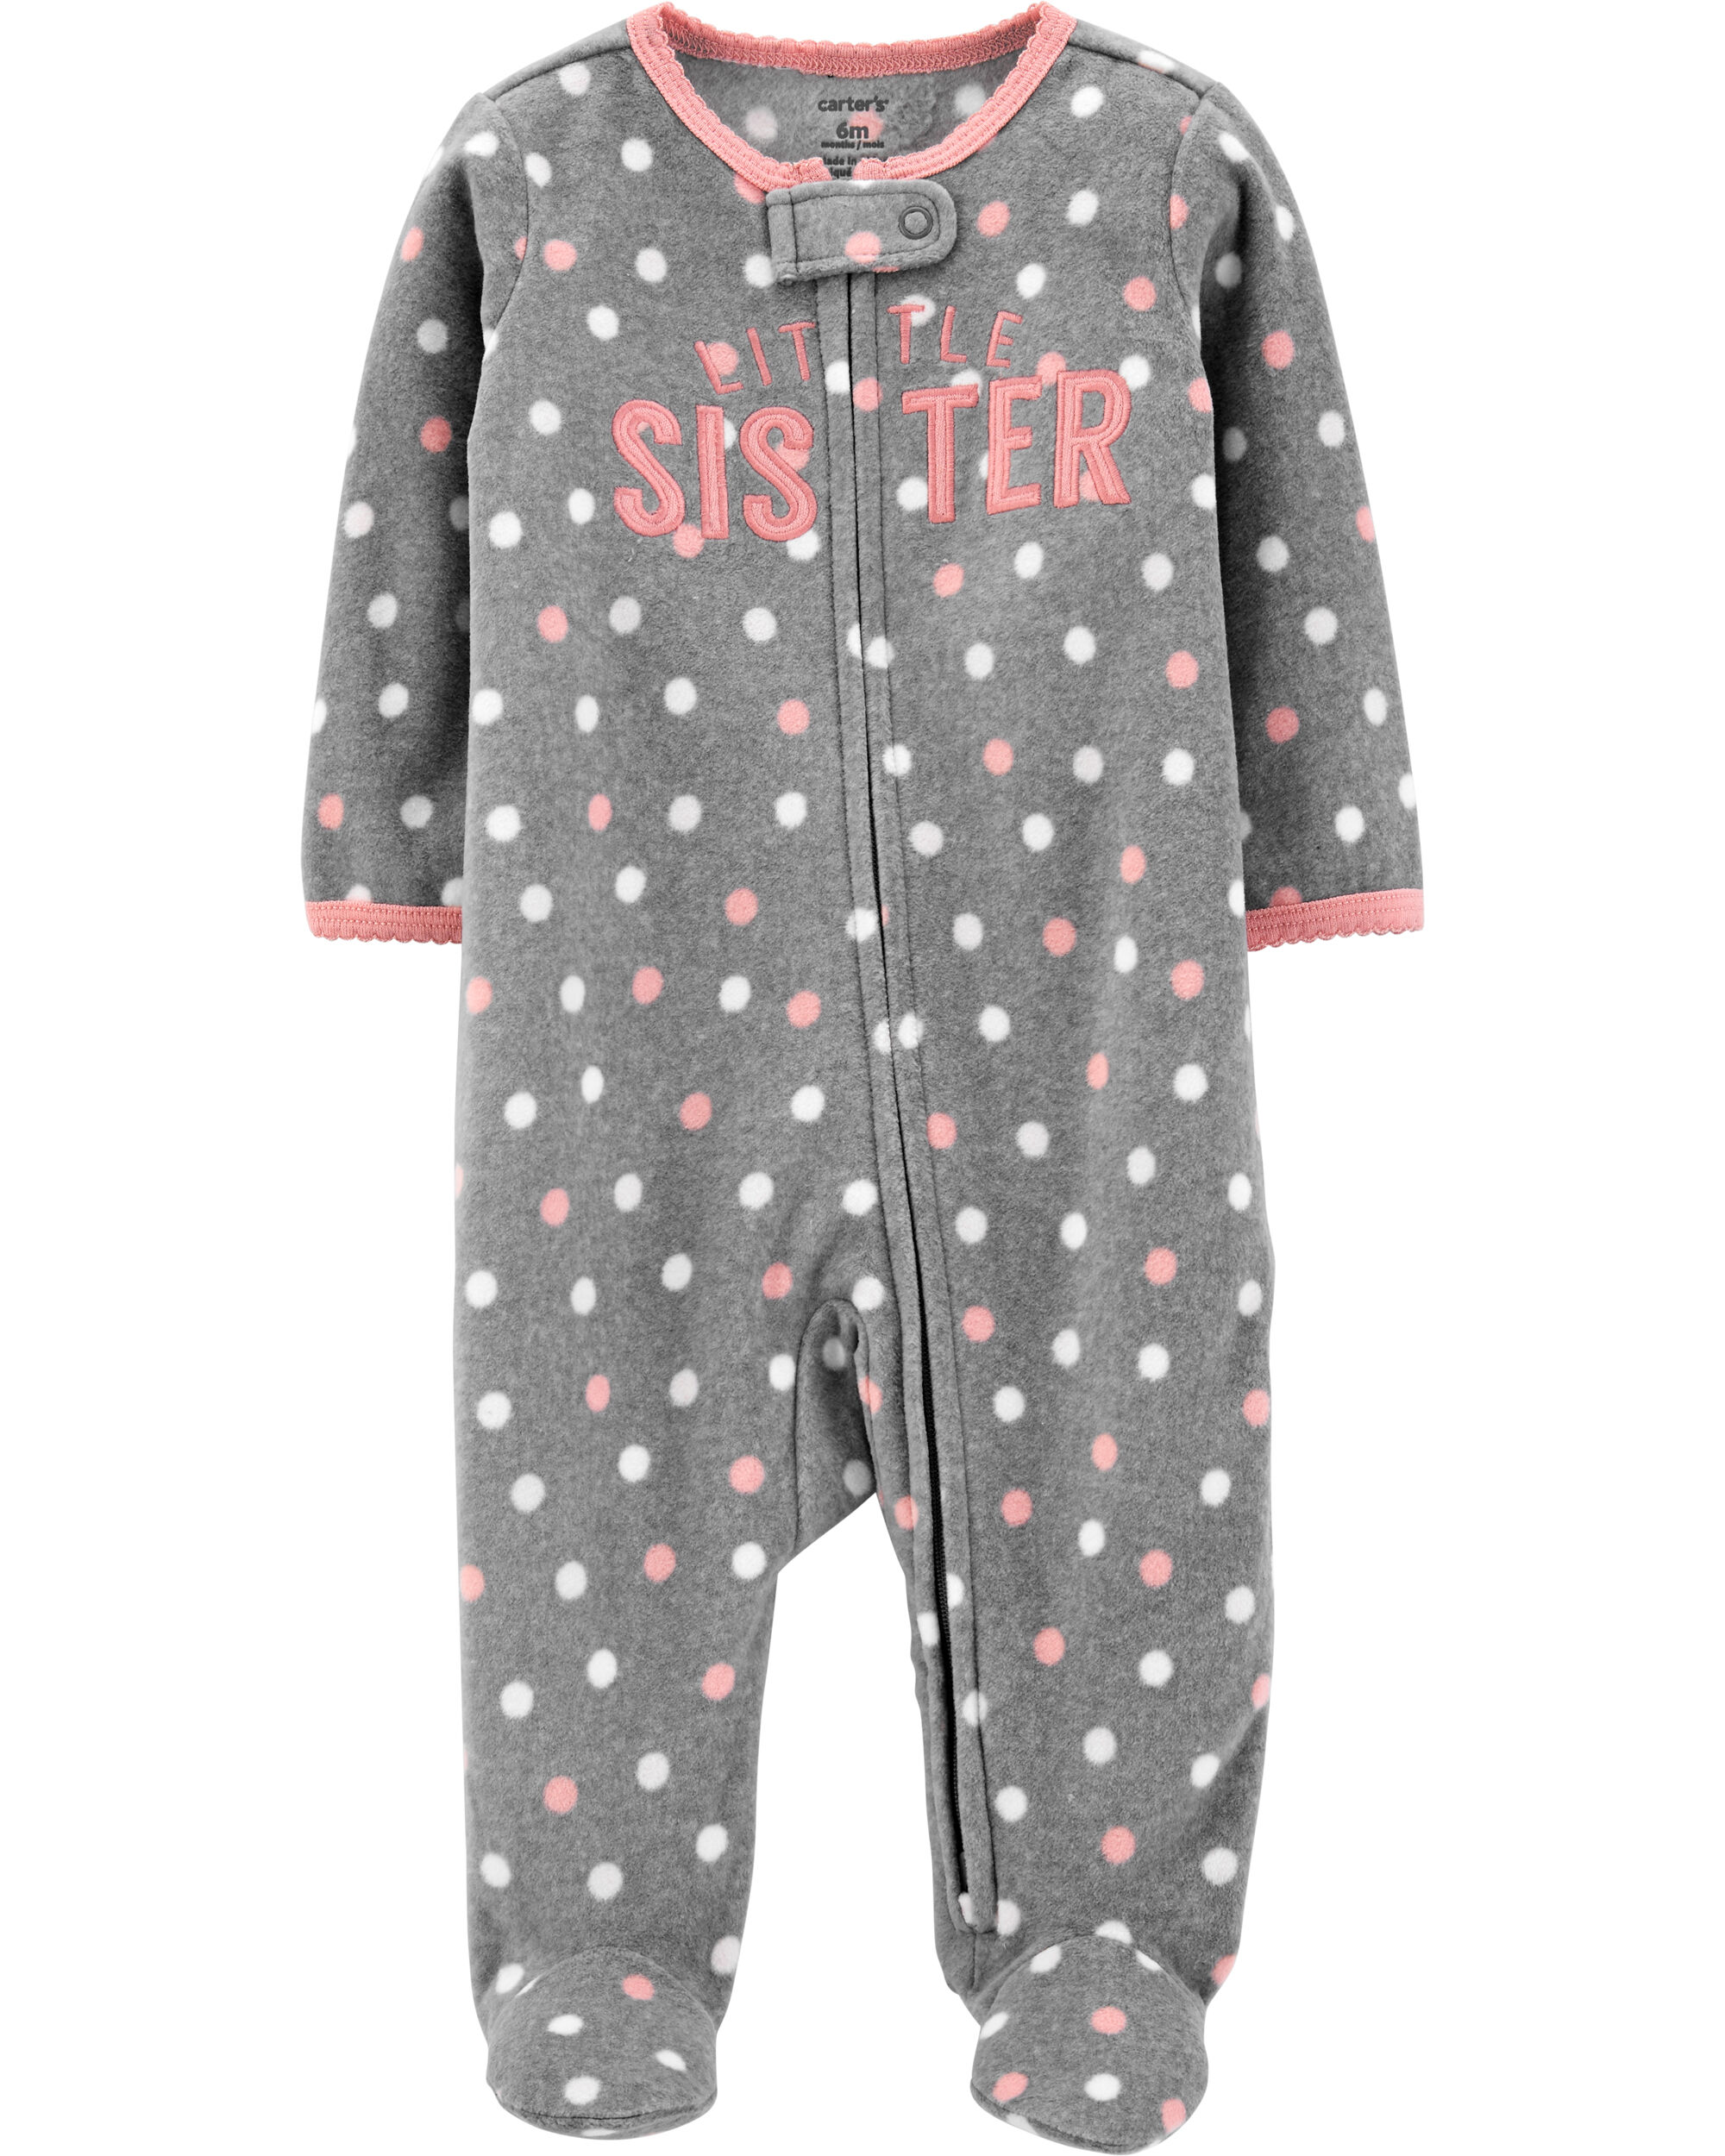 Sister Zip-Up Fleece Sleep & Play